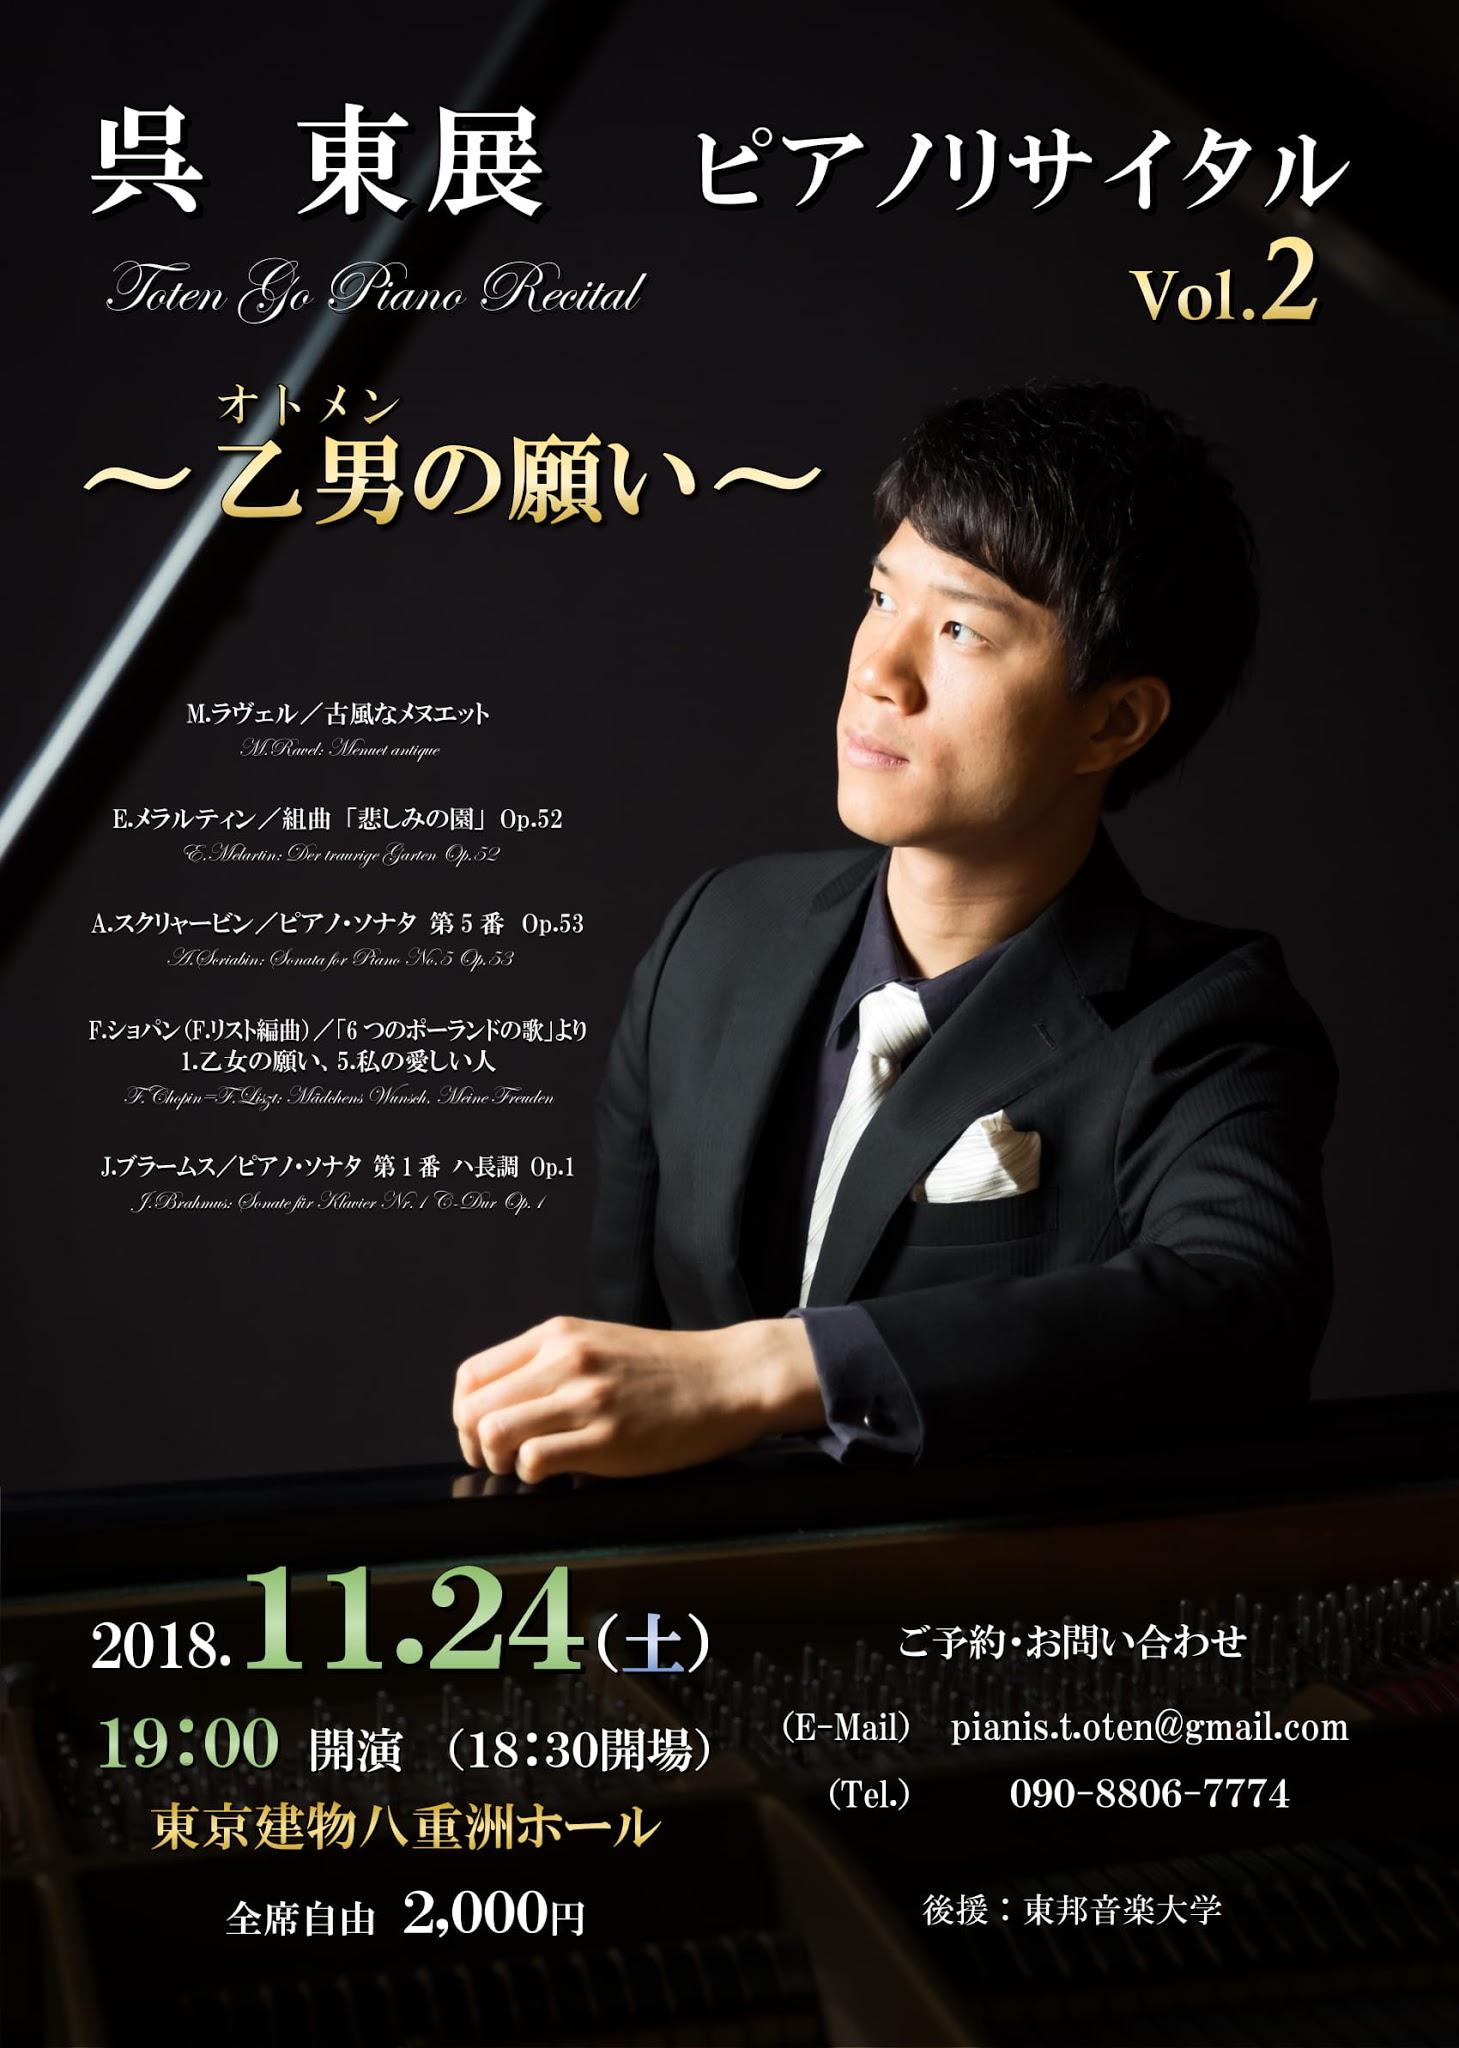 2018年11月24日(土) 呉 東展 ピアノリサイタル Vol.2